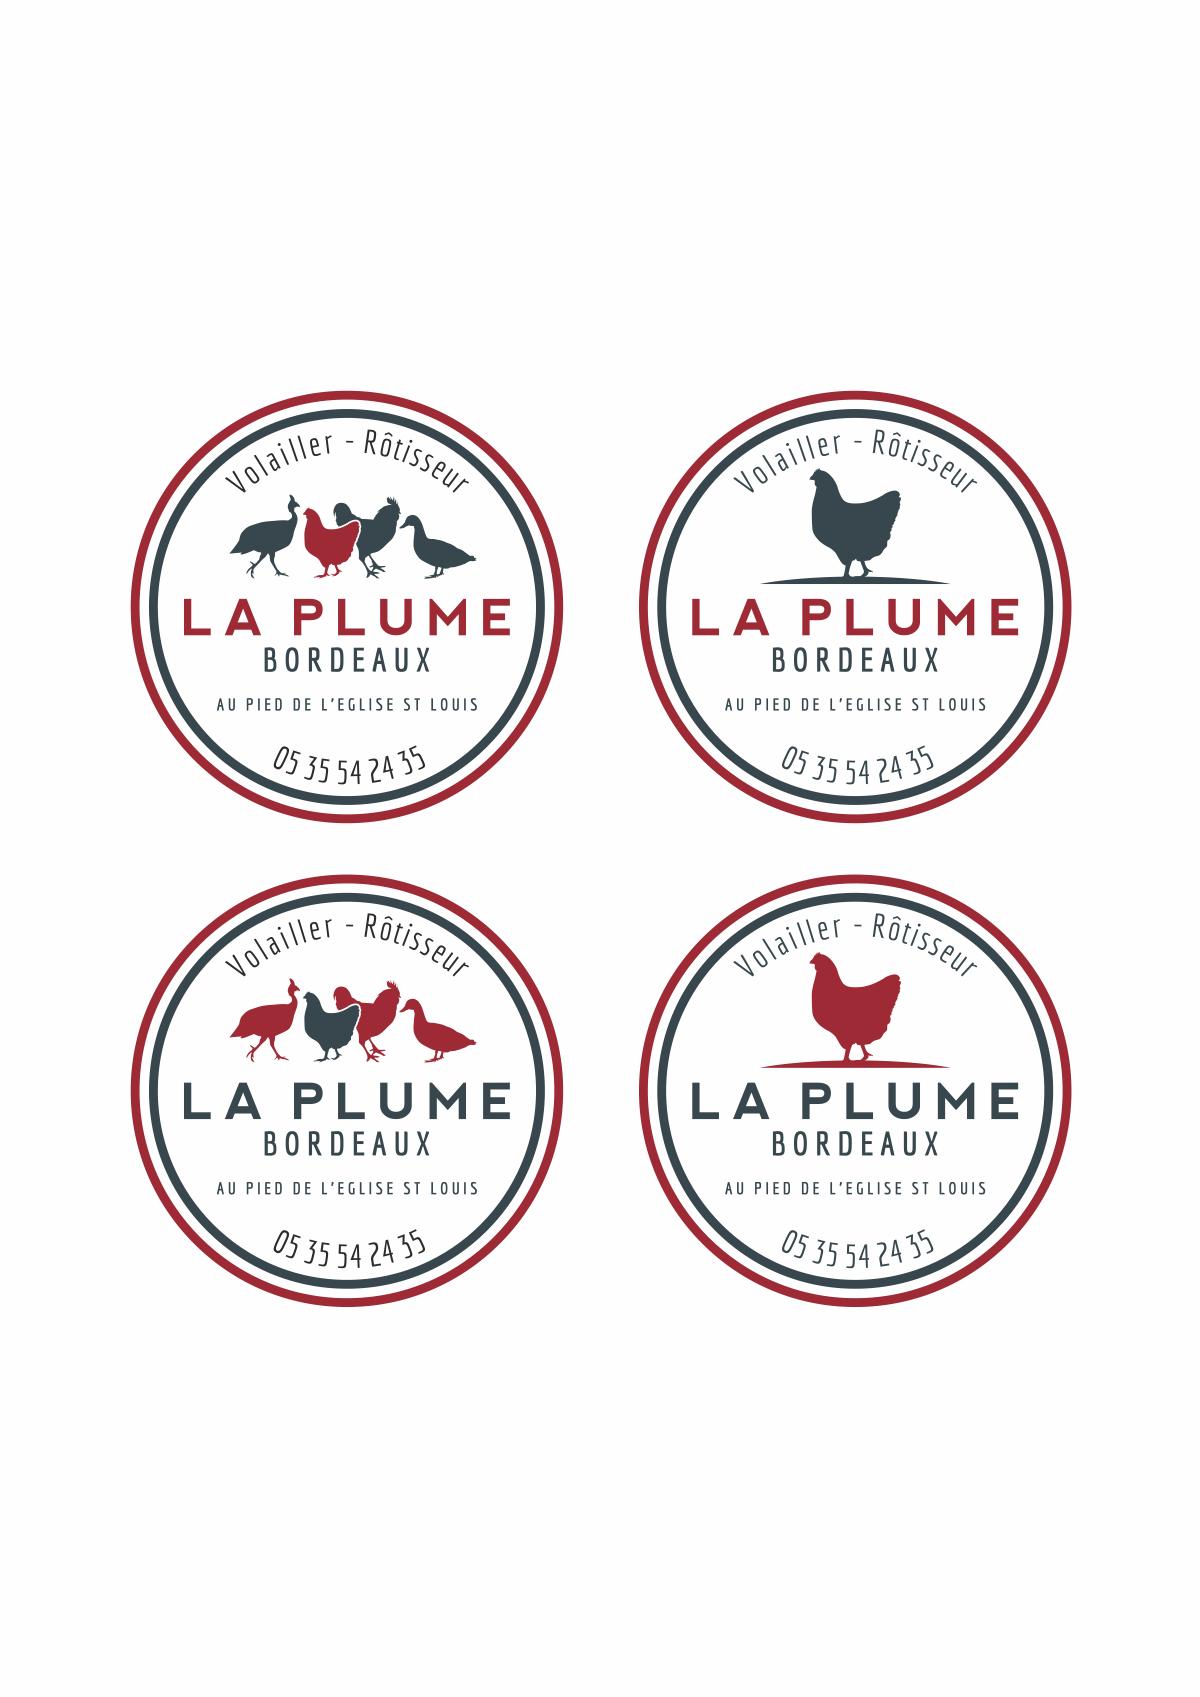 Small sticker for La Plume